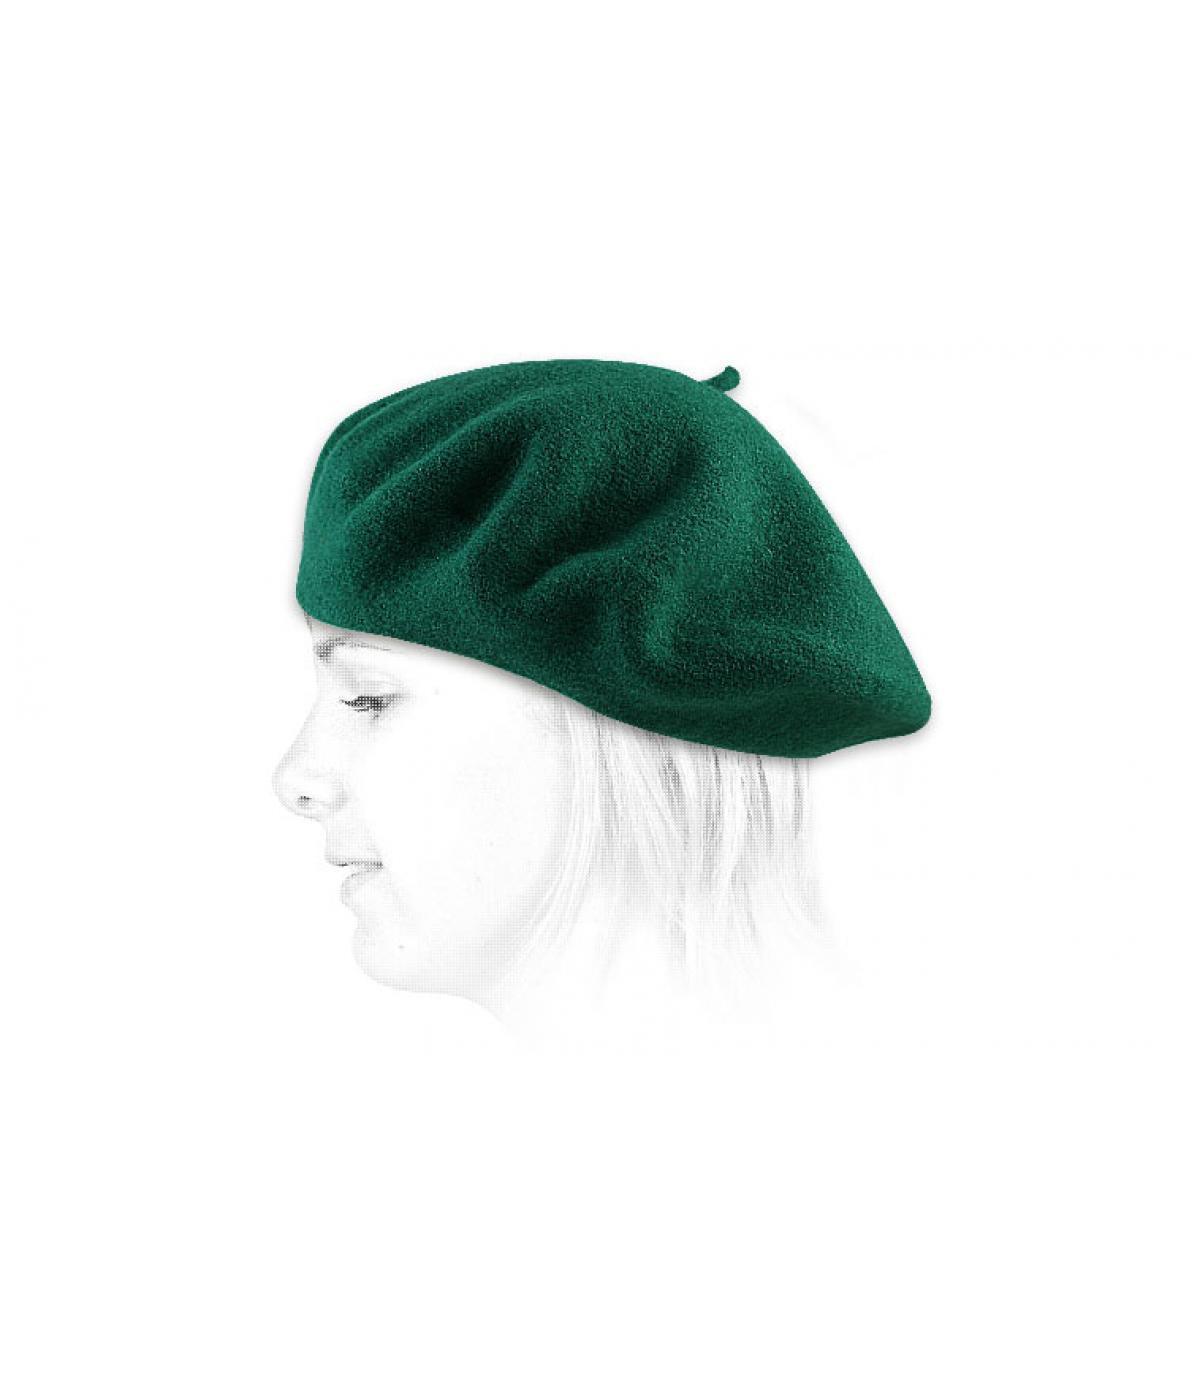 Béret femme vert